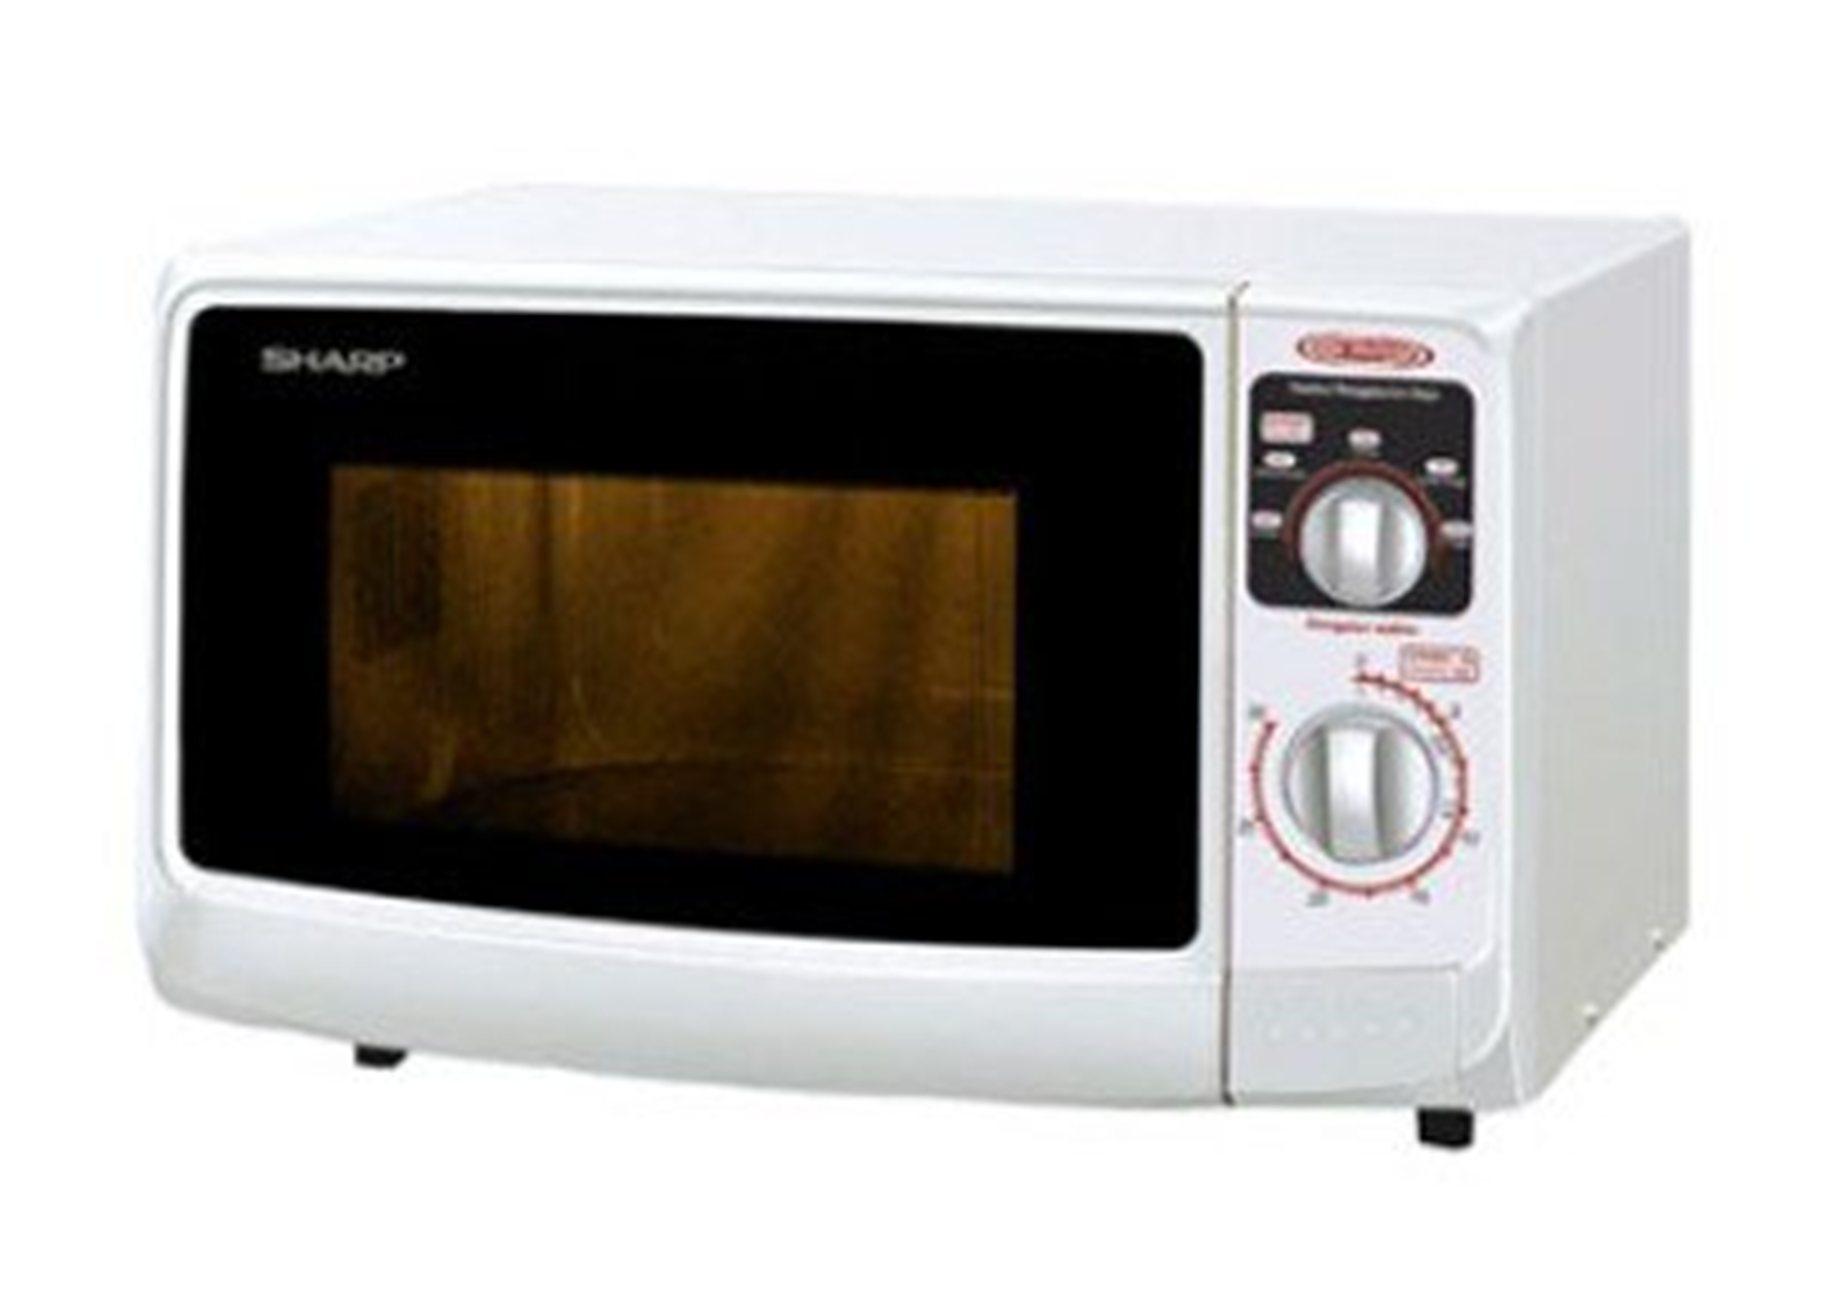 Low Watt Microwave Oven Bestmicrowave